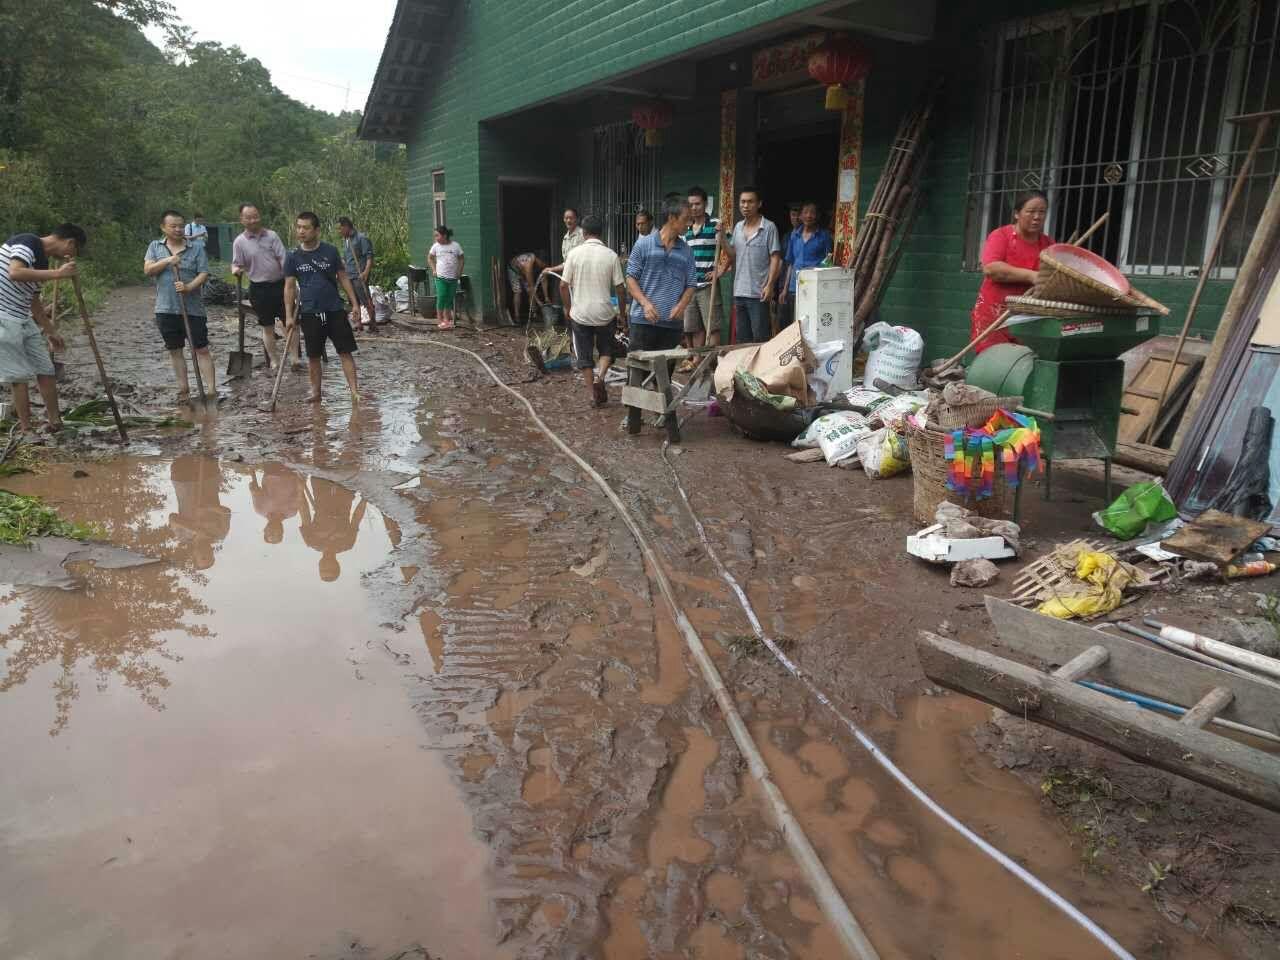 华头、麻柳、歇马洪水告急灾情重 干群合力抗洪灾